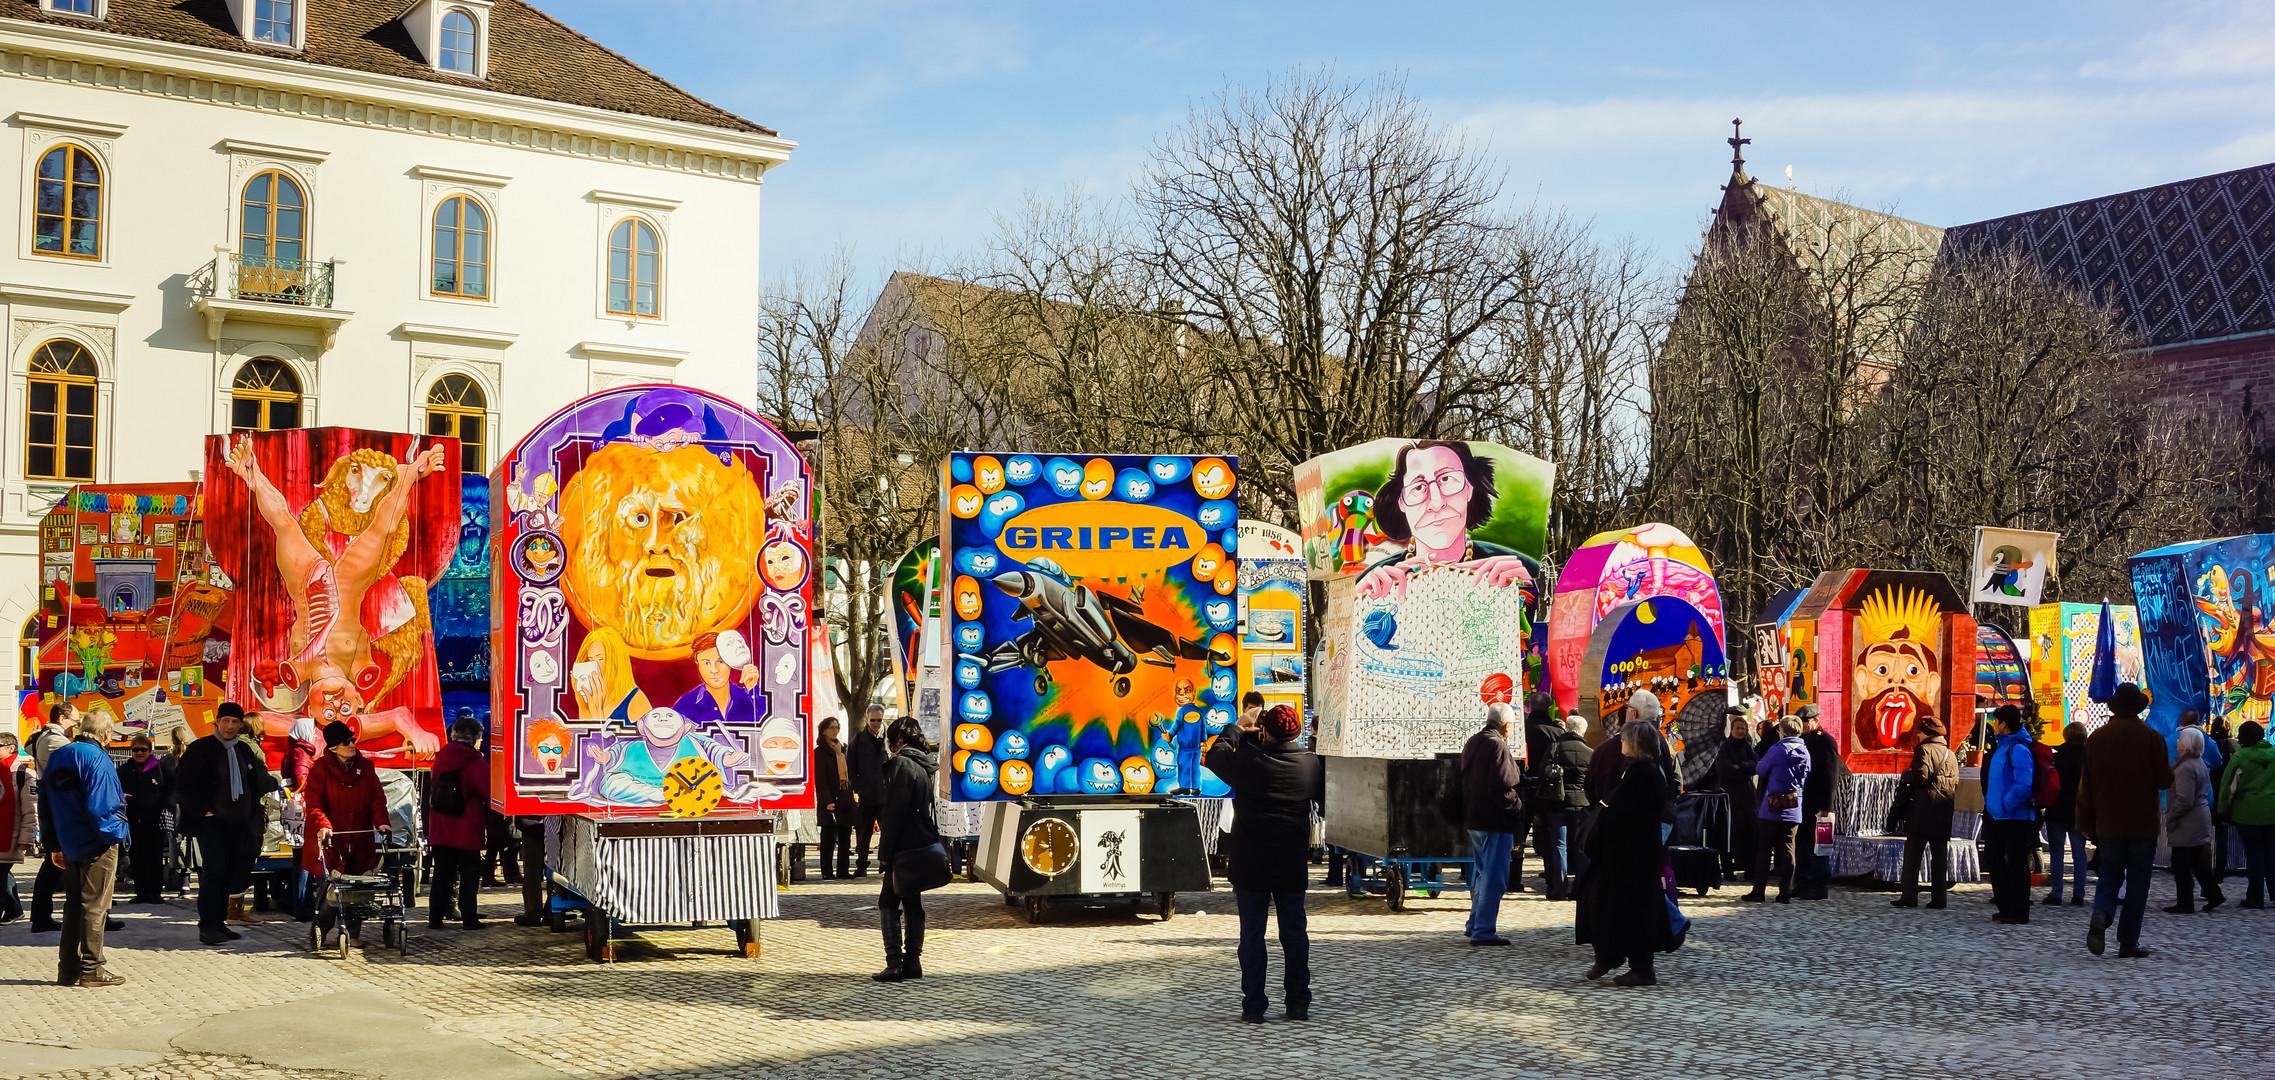 Laternenausstellung auf dem Münsterplatz während der Basler Fasnacht